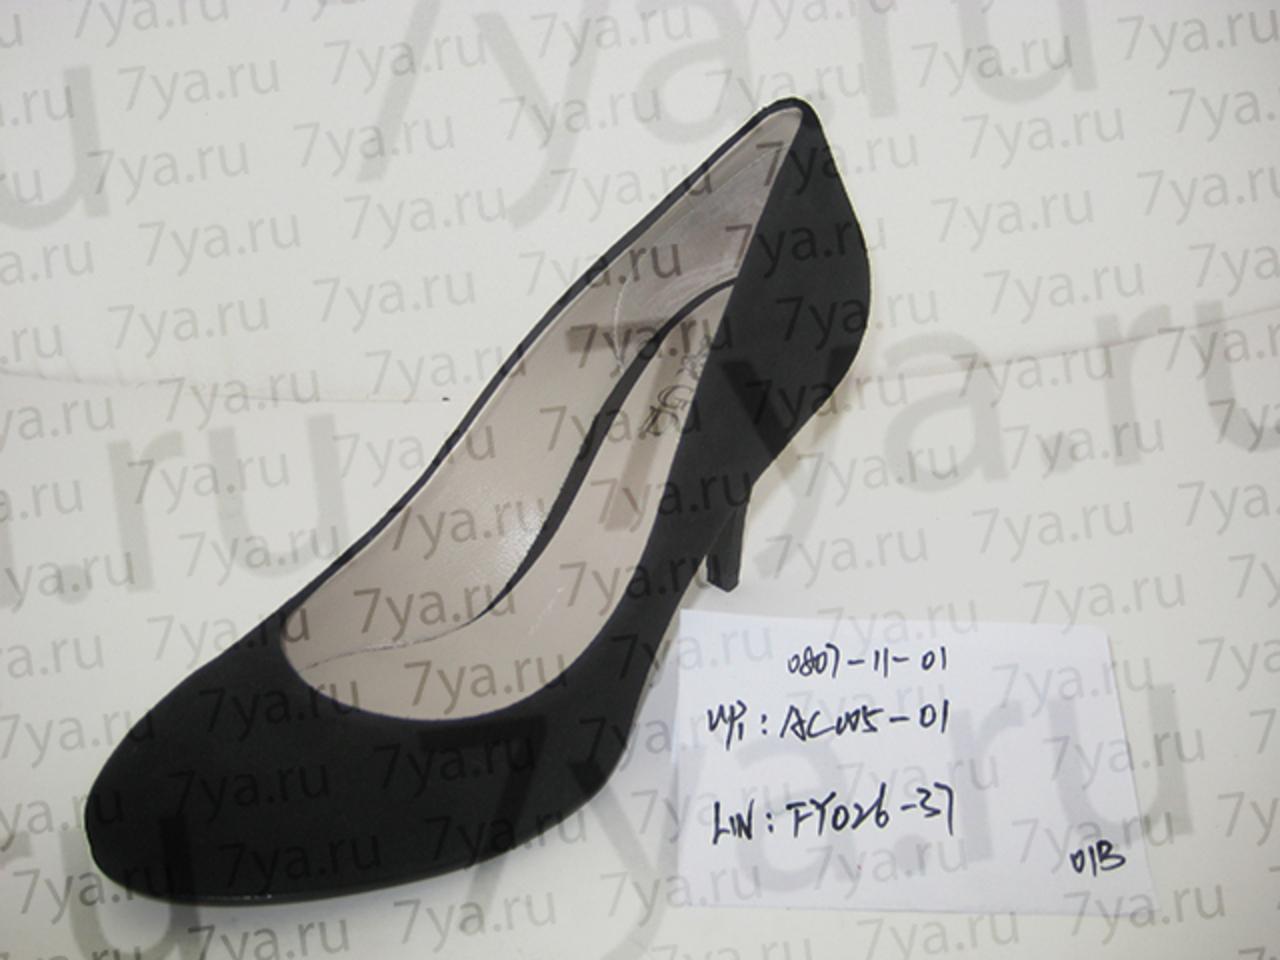 Замшевые туфли на шпильке фирмы Год*э, орг Дашина, размер 38, на узкую стопу длиной не больше 24.5 см. Выфсота каблука почти 7 см (мерила от внешнего края пятки). В носке раз 5, в коробке, мне маловаты, меняю на обувь 38